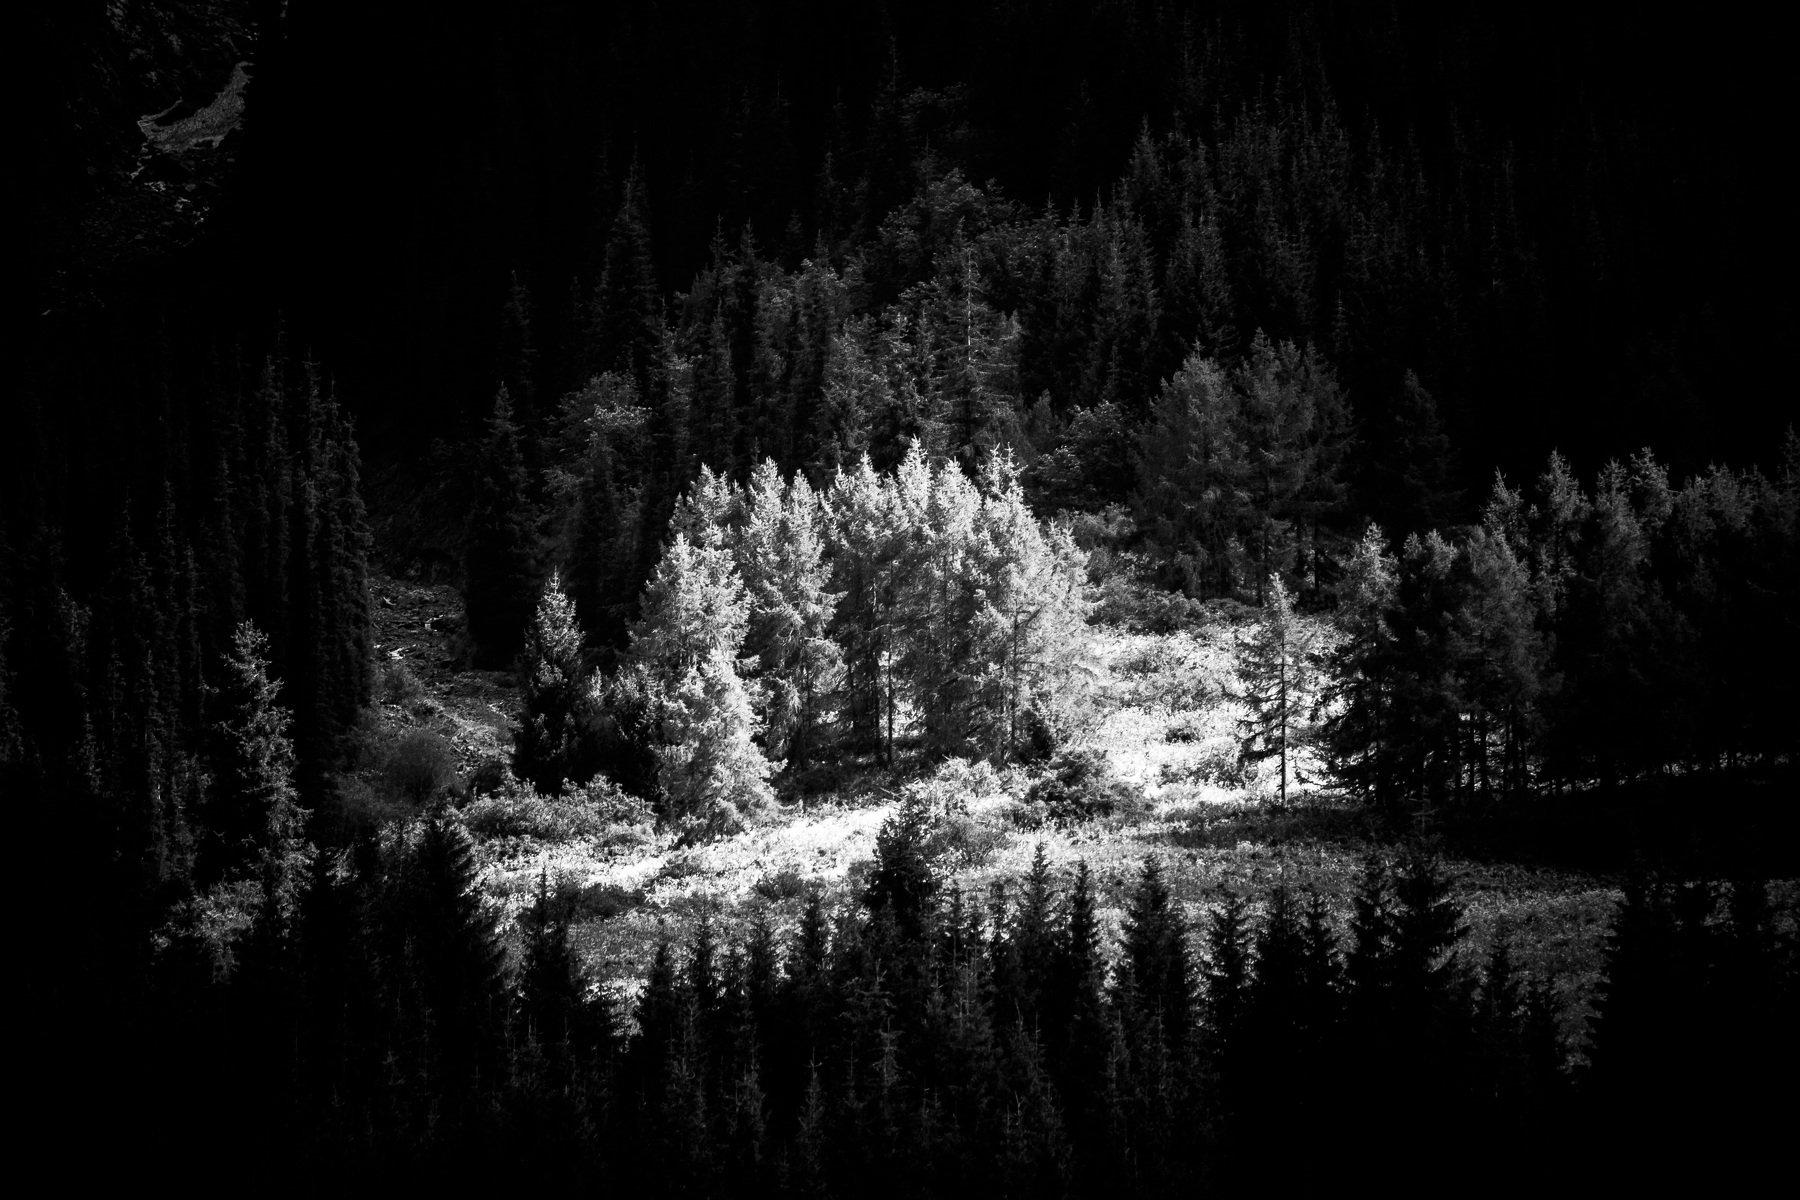 лес, природа, горы, пейзаж, черно-белое, свет, тень, Василий Шумкин